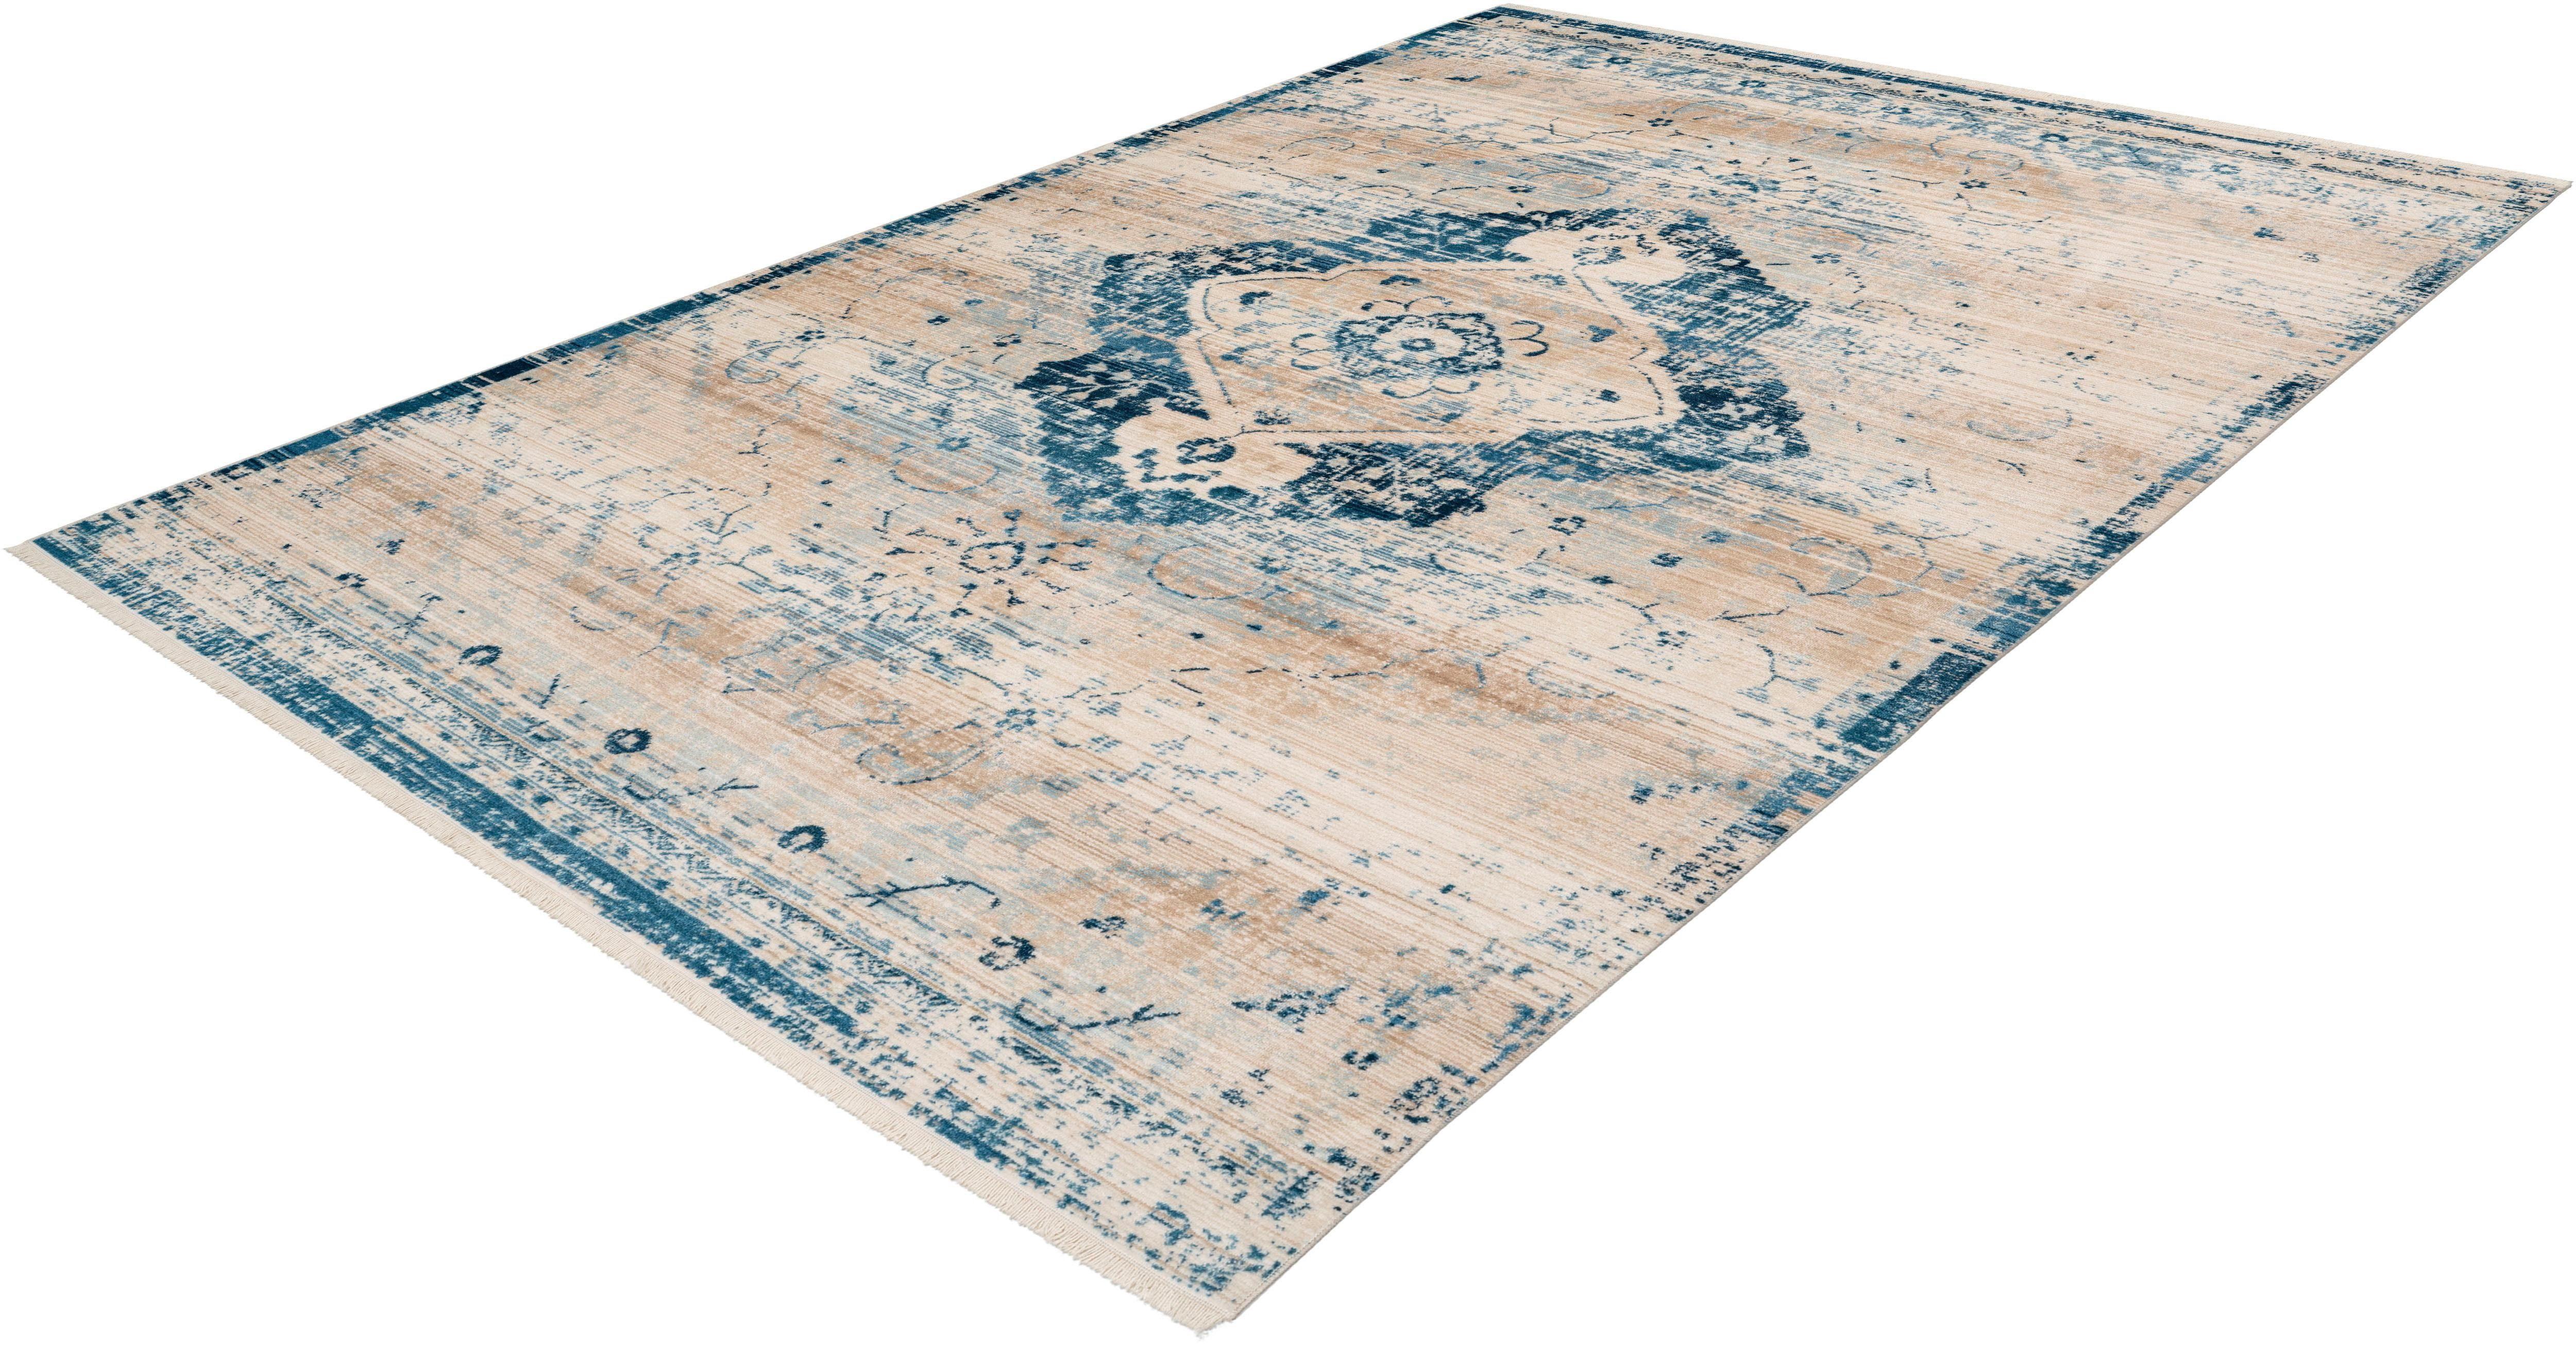 Teppich Marina Home affaire rechteckig Höhe 5 mm maschinell gewebt